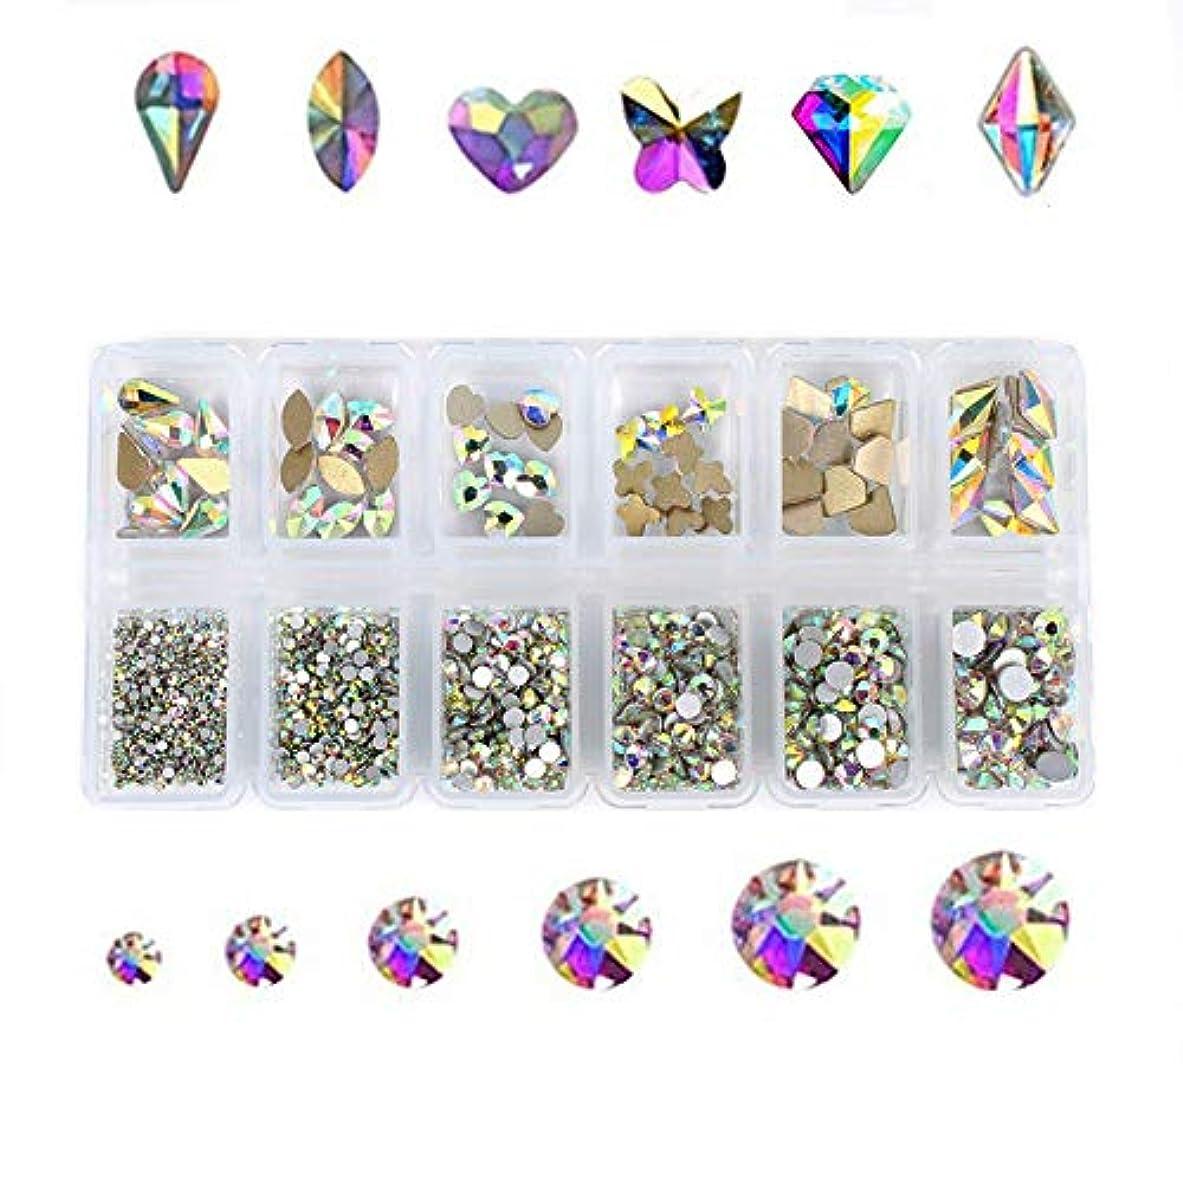 リファインバケットデータムKingsie ネイル ラインストーン AB色 ガラス製 ファットバック クリスタル 3dネイルパーツ デコ素材 大粒 小粒 ミックスサイズ&形状 ケース入り